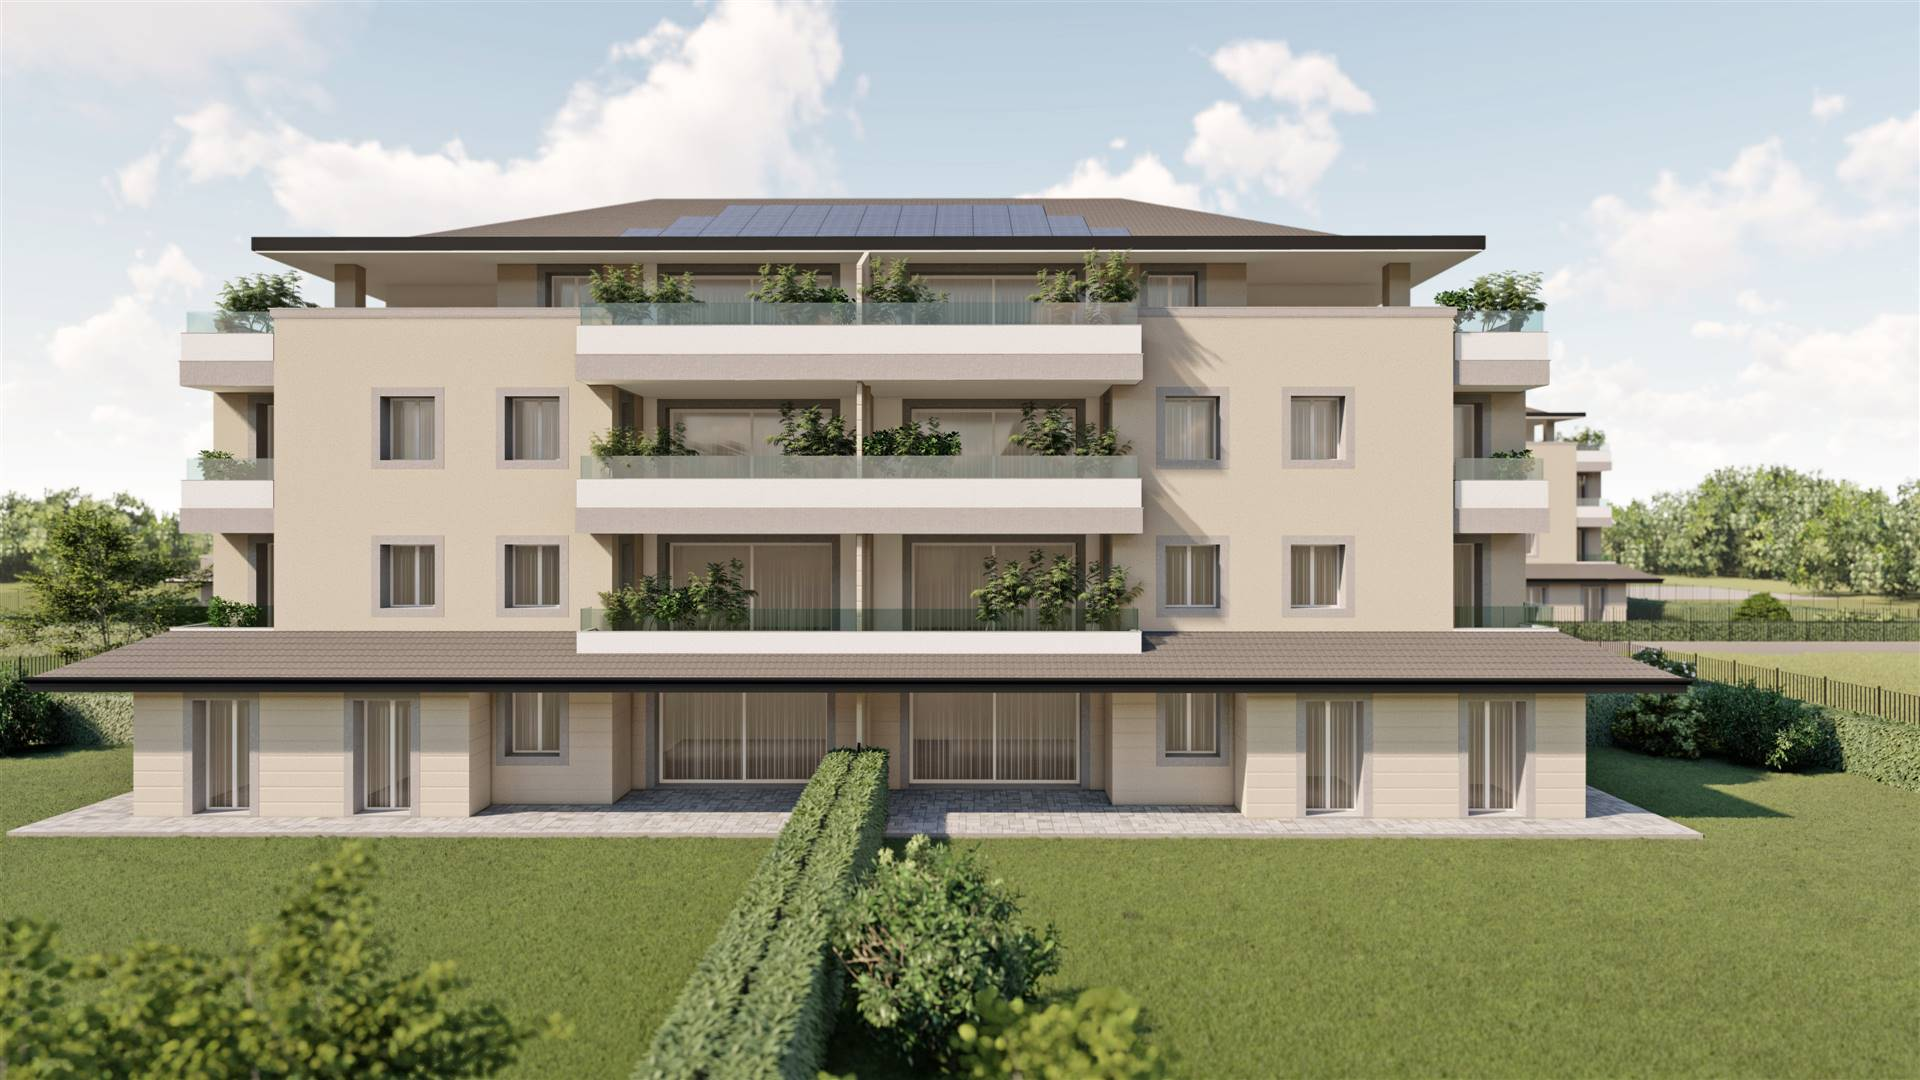 Attico / Mansarda in vendita a Pozzo d'Adda, 4 locali, prezzo € 329.000   PortaleAgenzieImmobiliari.it